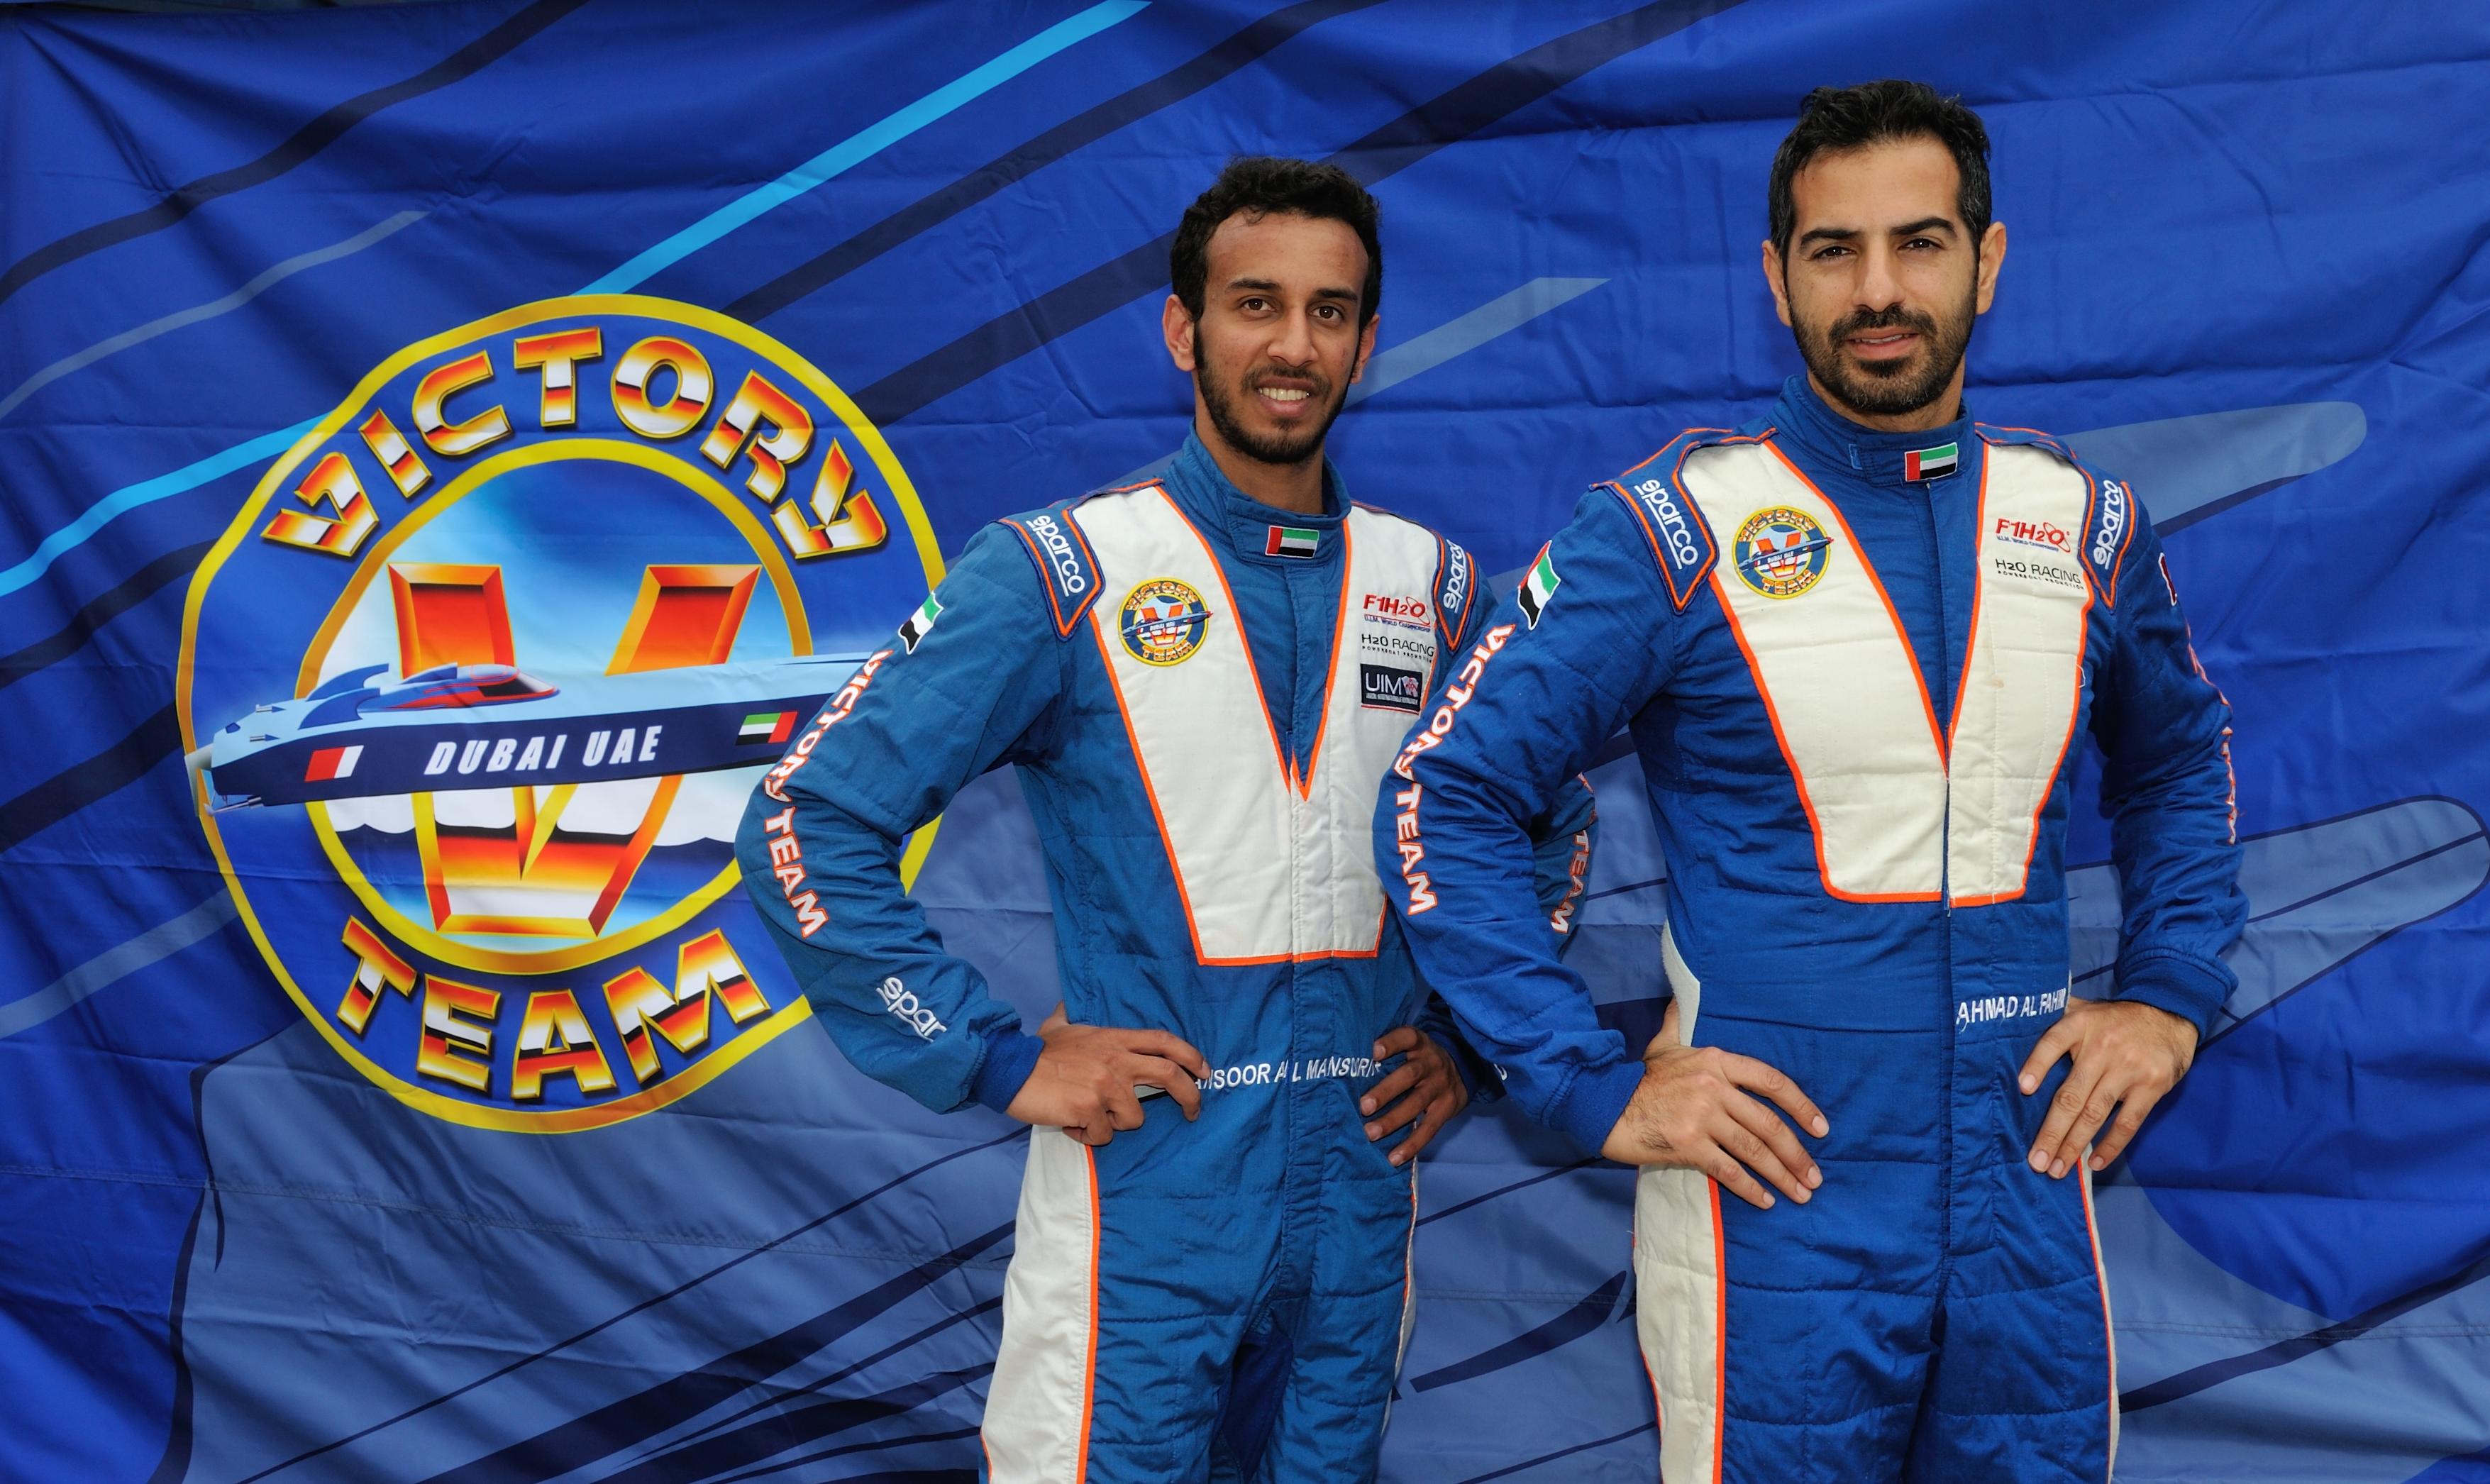 فيكتوري 27 و4 يشاركان في ثاني جولات فورمولا 2 بالنرويج